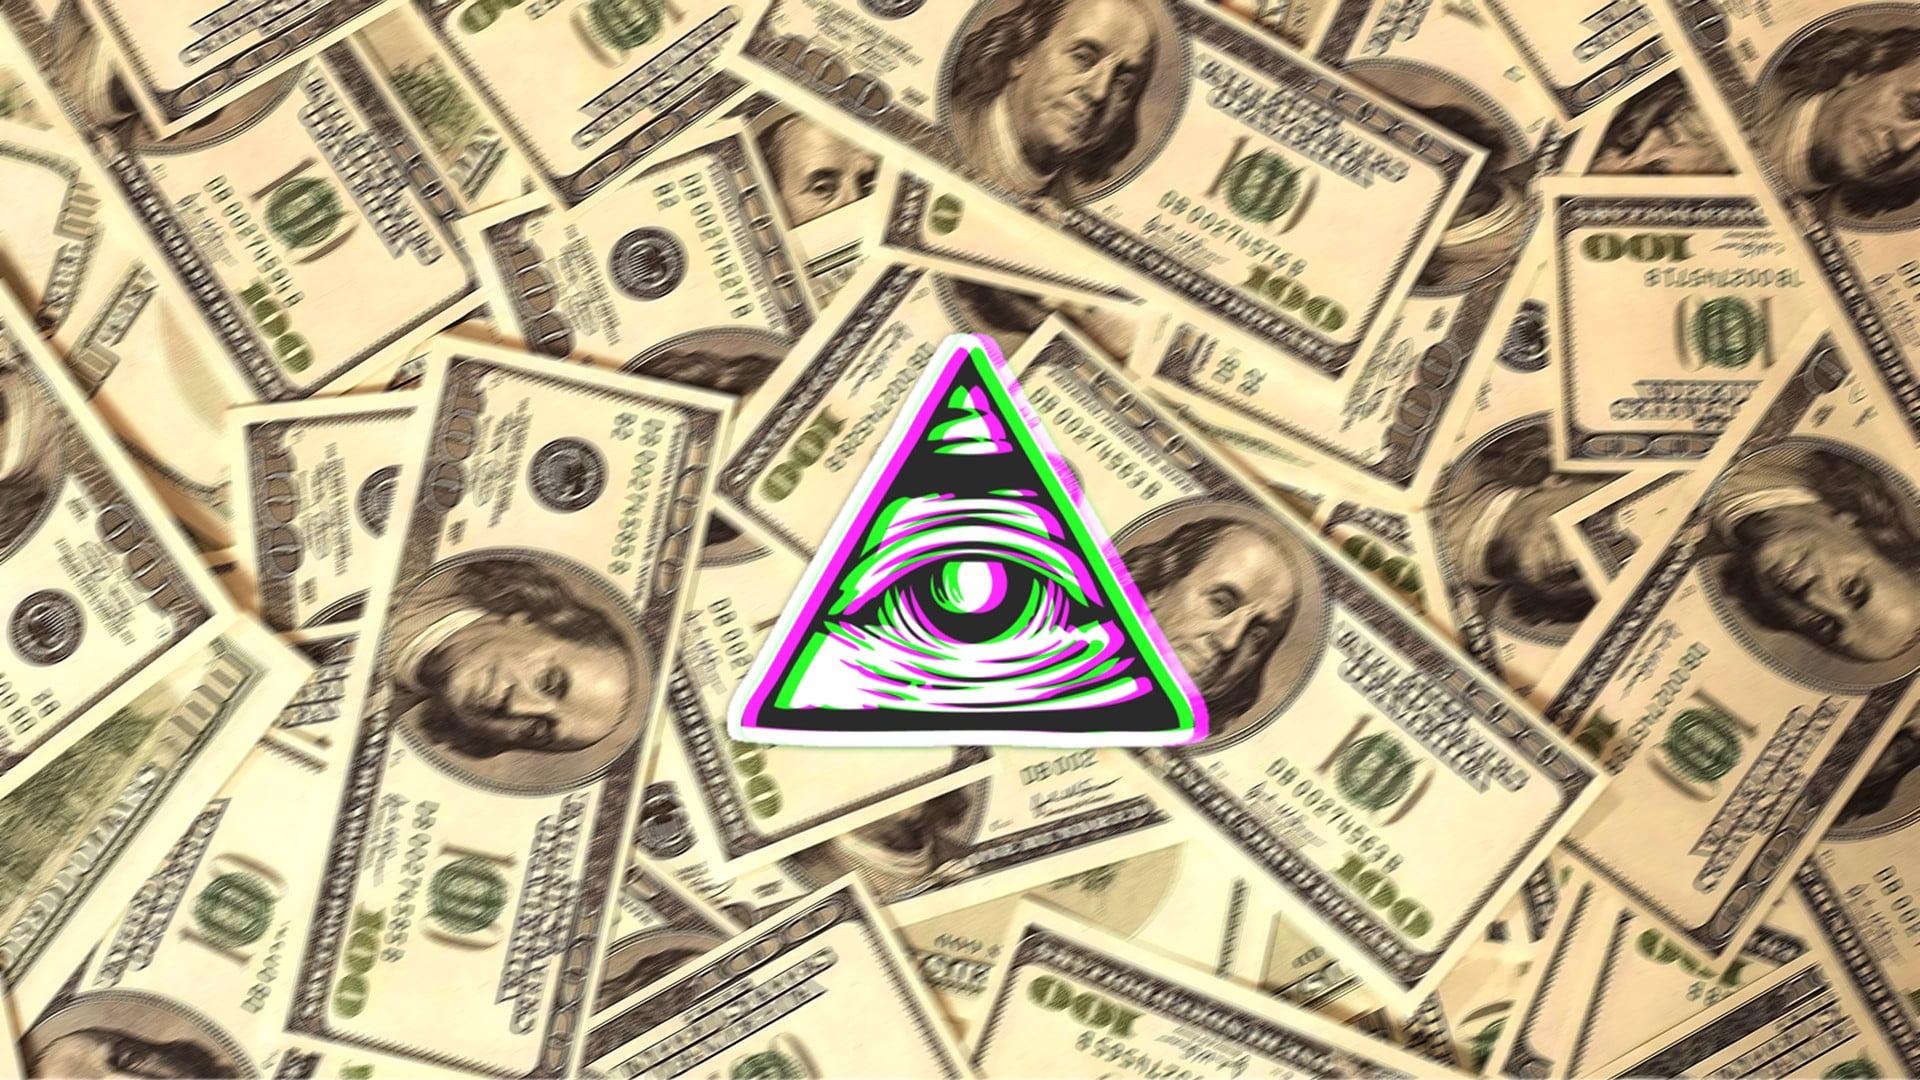 Eye of providence Illuminati eyes dollars digital art HD 1920x1080